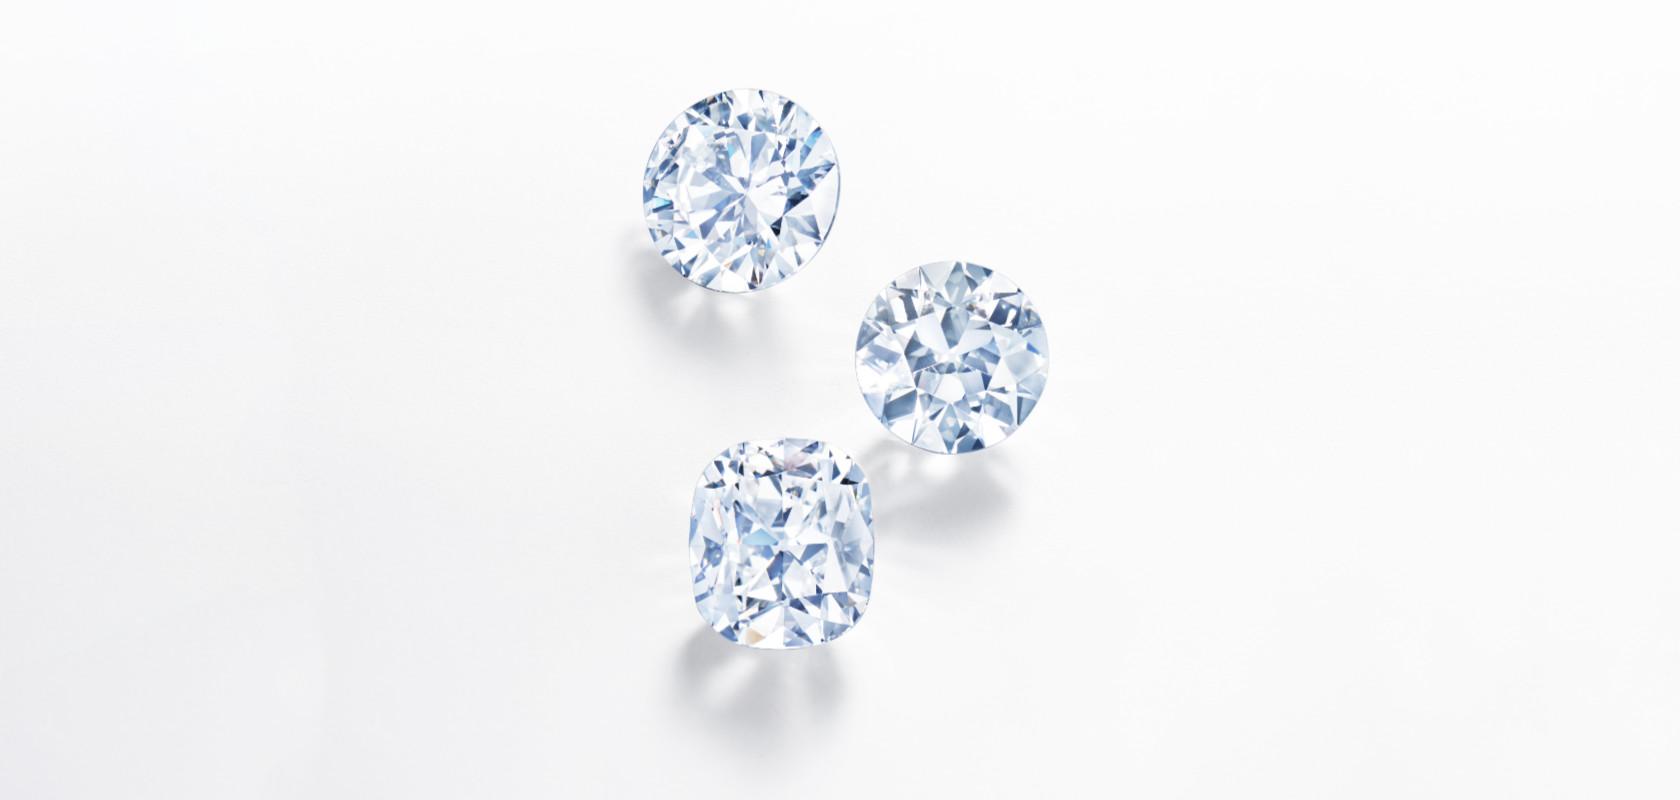 Diamond Education, Image of Diamond Color